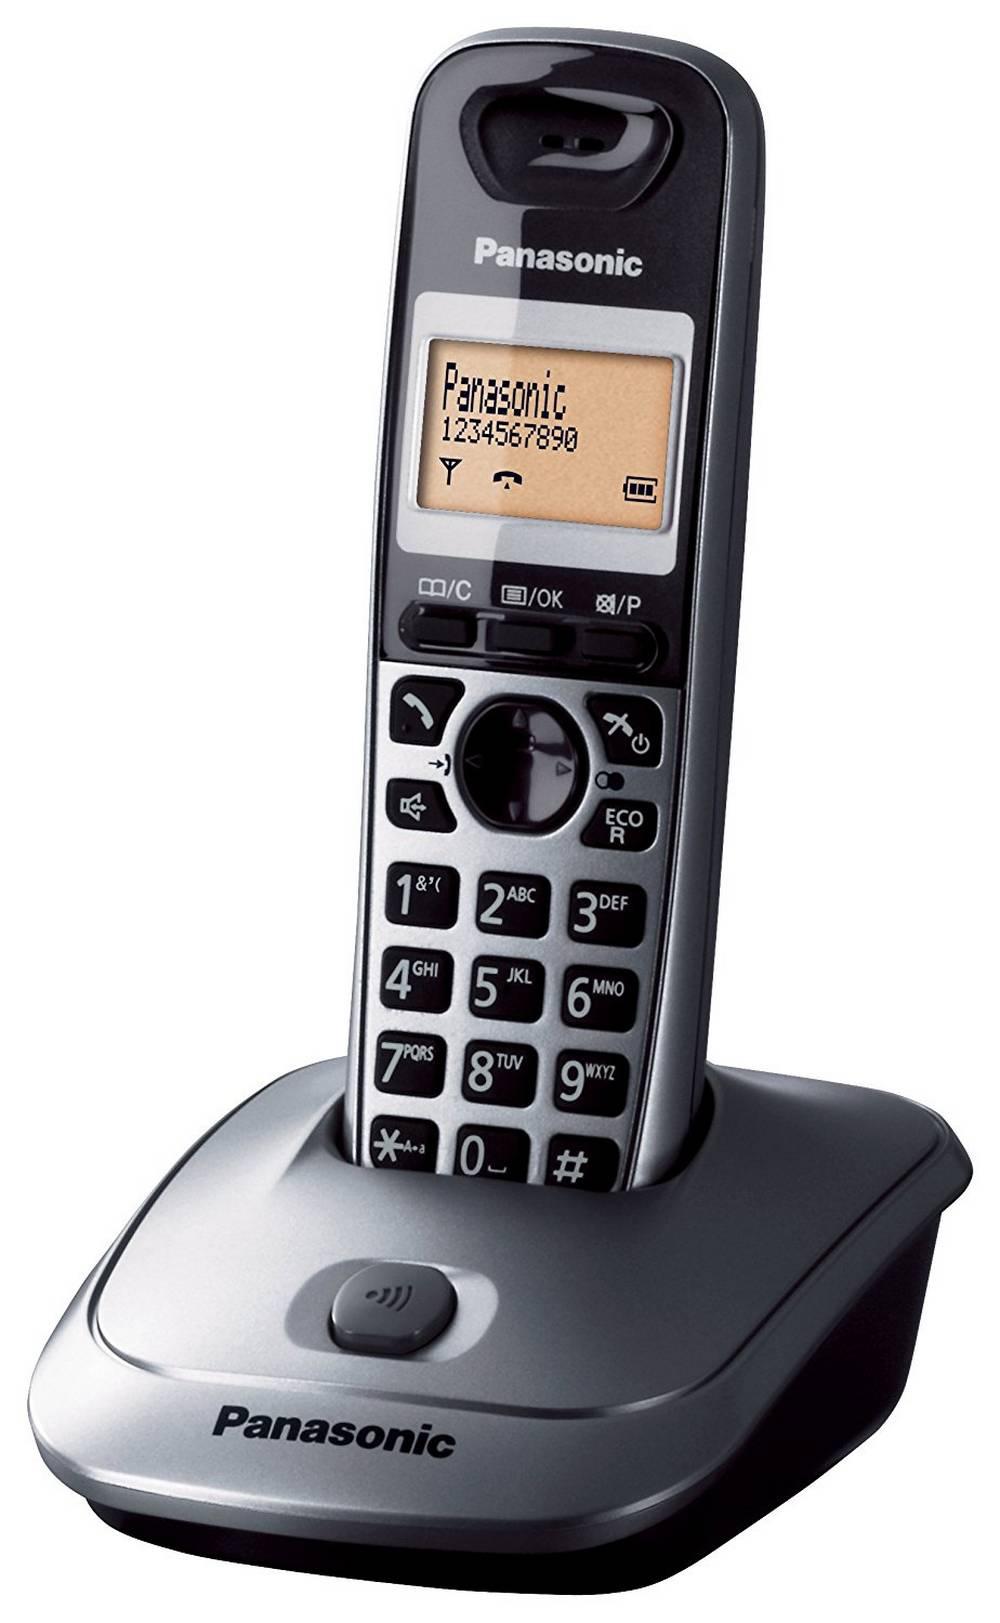 Ασύρματο Ψηφιακό Τηλέφωνο Panasonic KX-TG2511 (EU) Ασημί